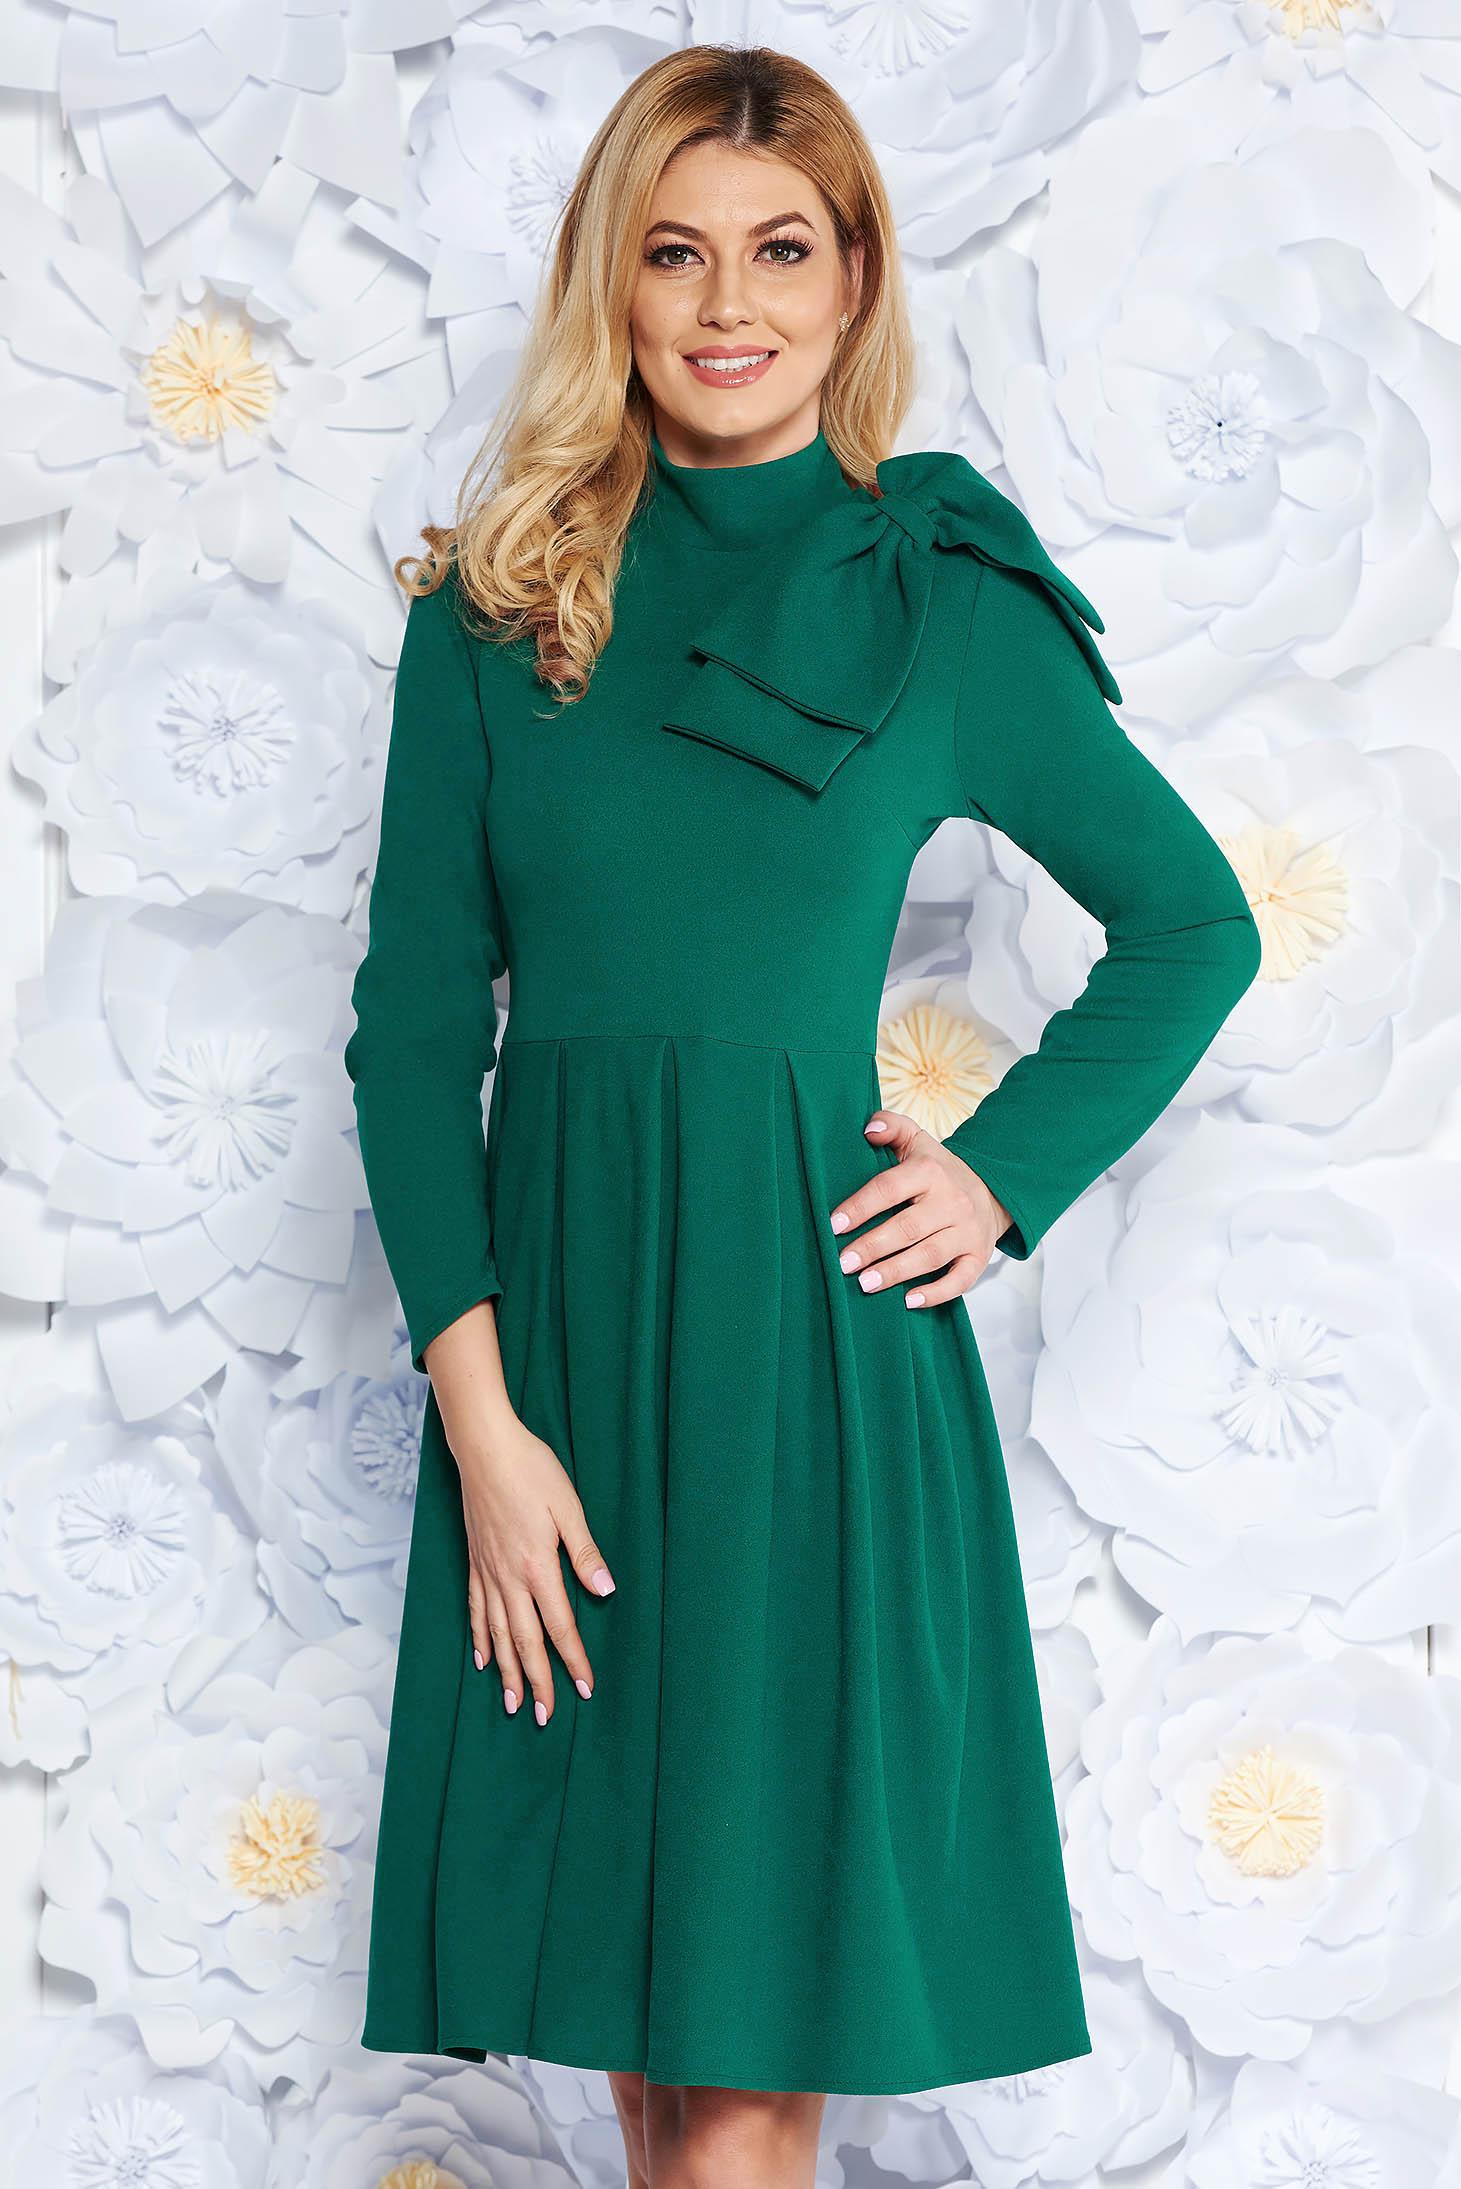 Rochie verde eleganta in clos din material usor elastic accesorizata cu o fundita